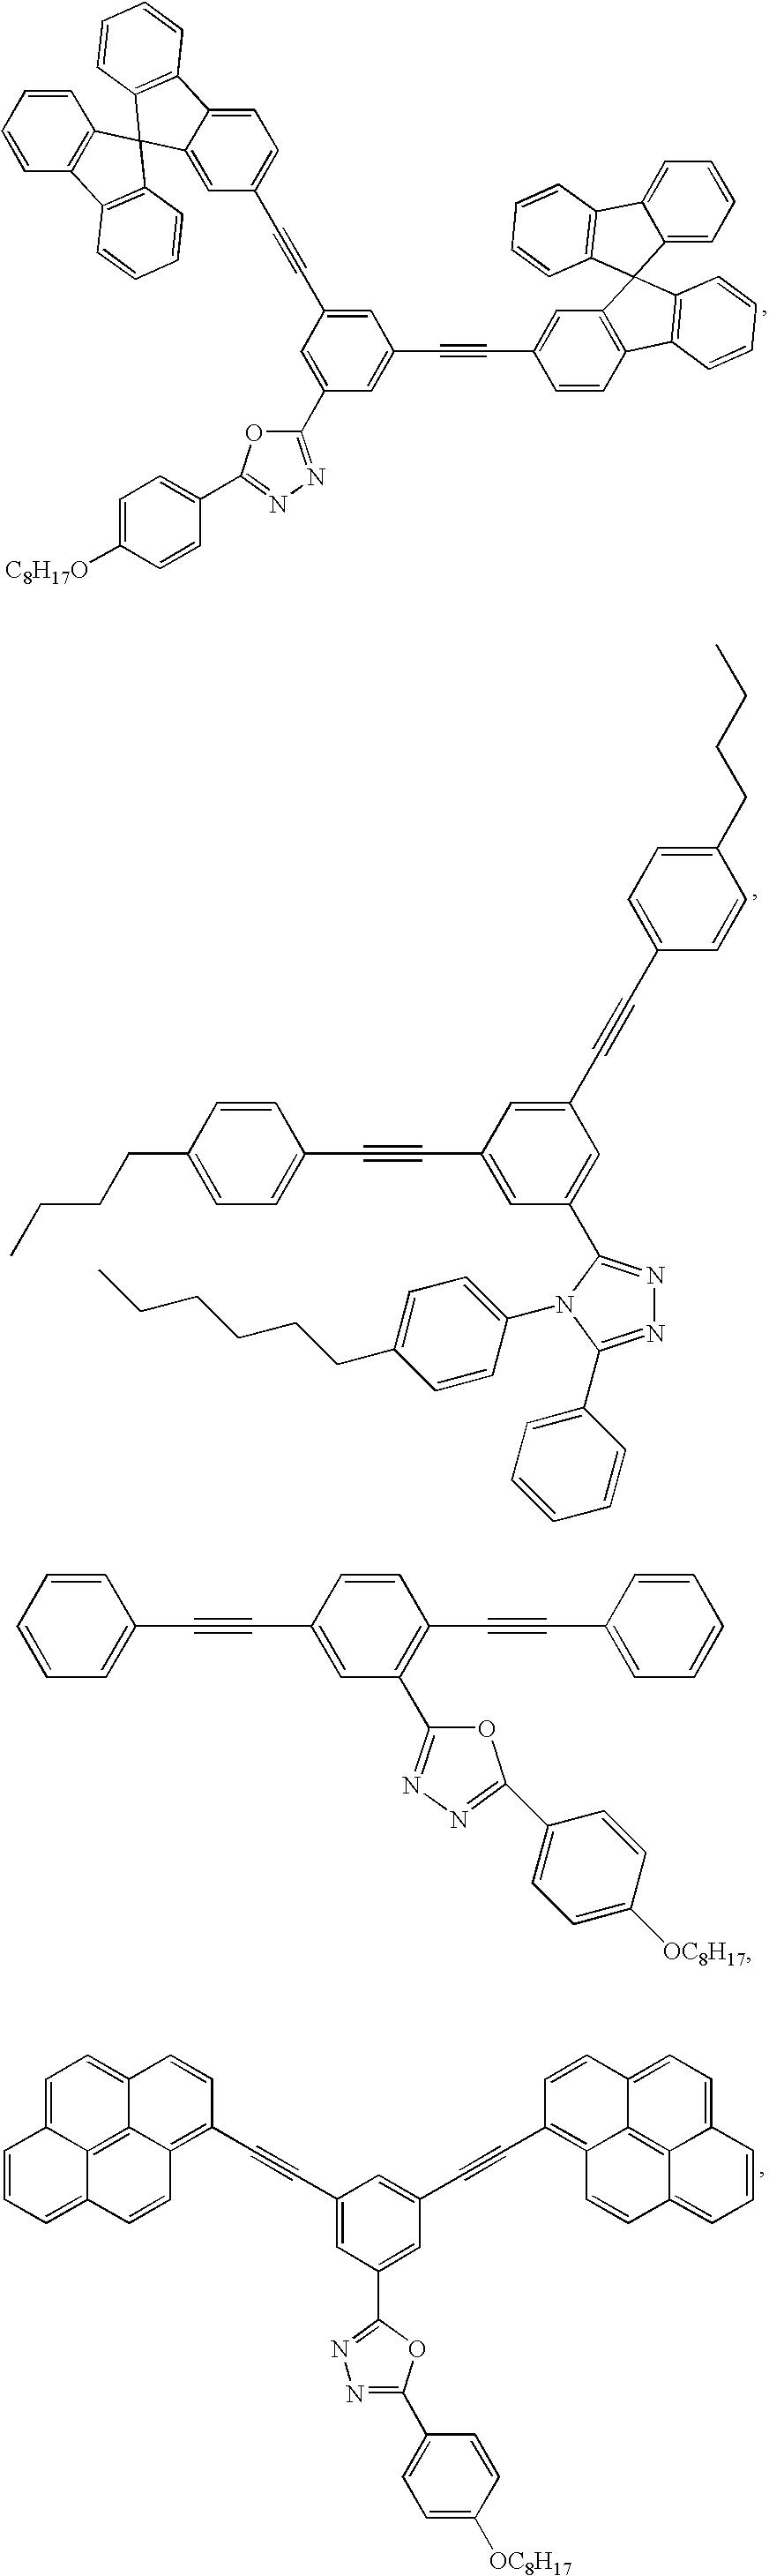 Figure US20070107835A1-20070517-C00036